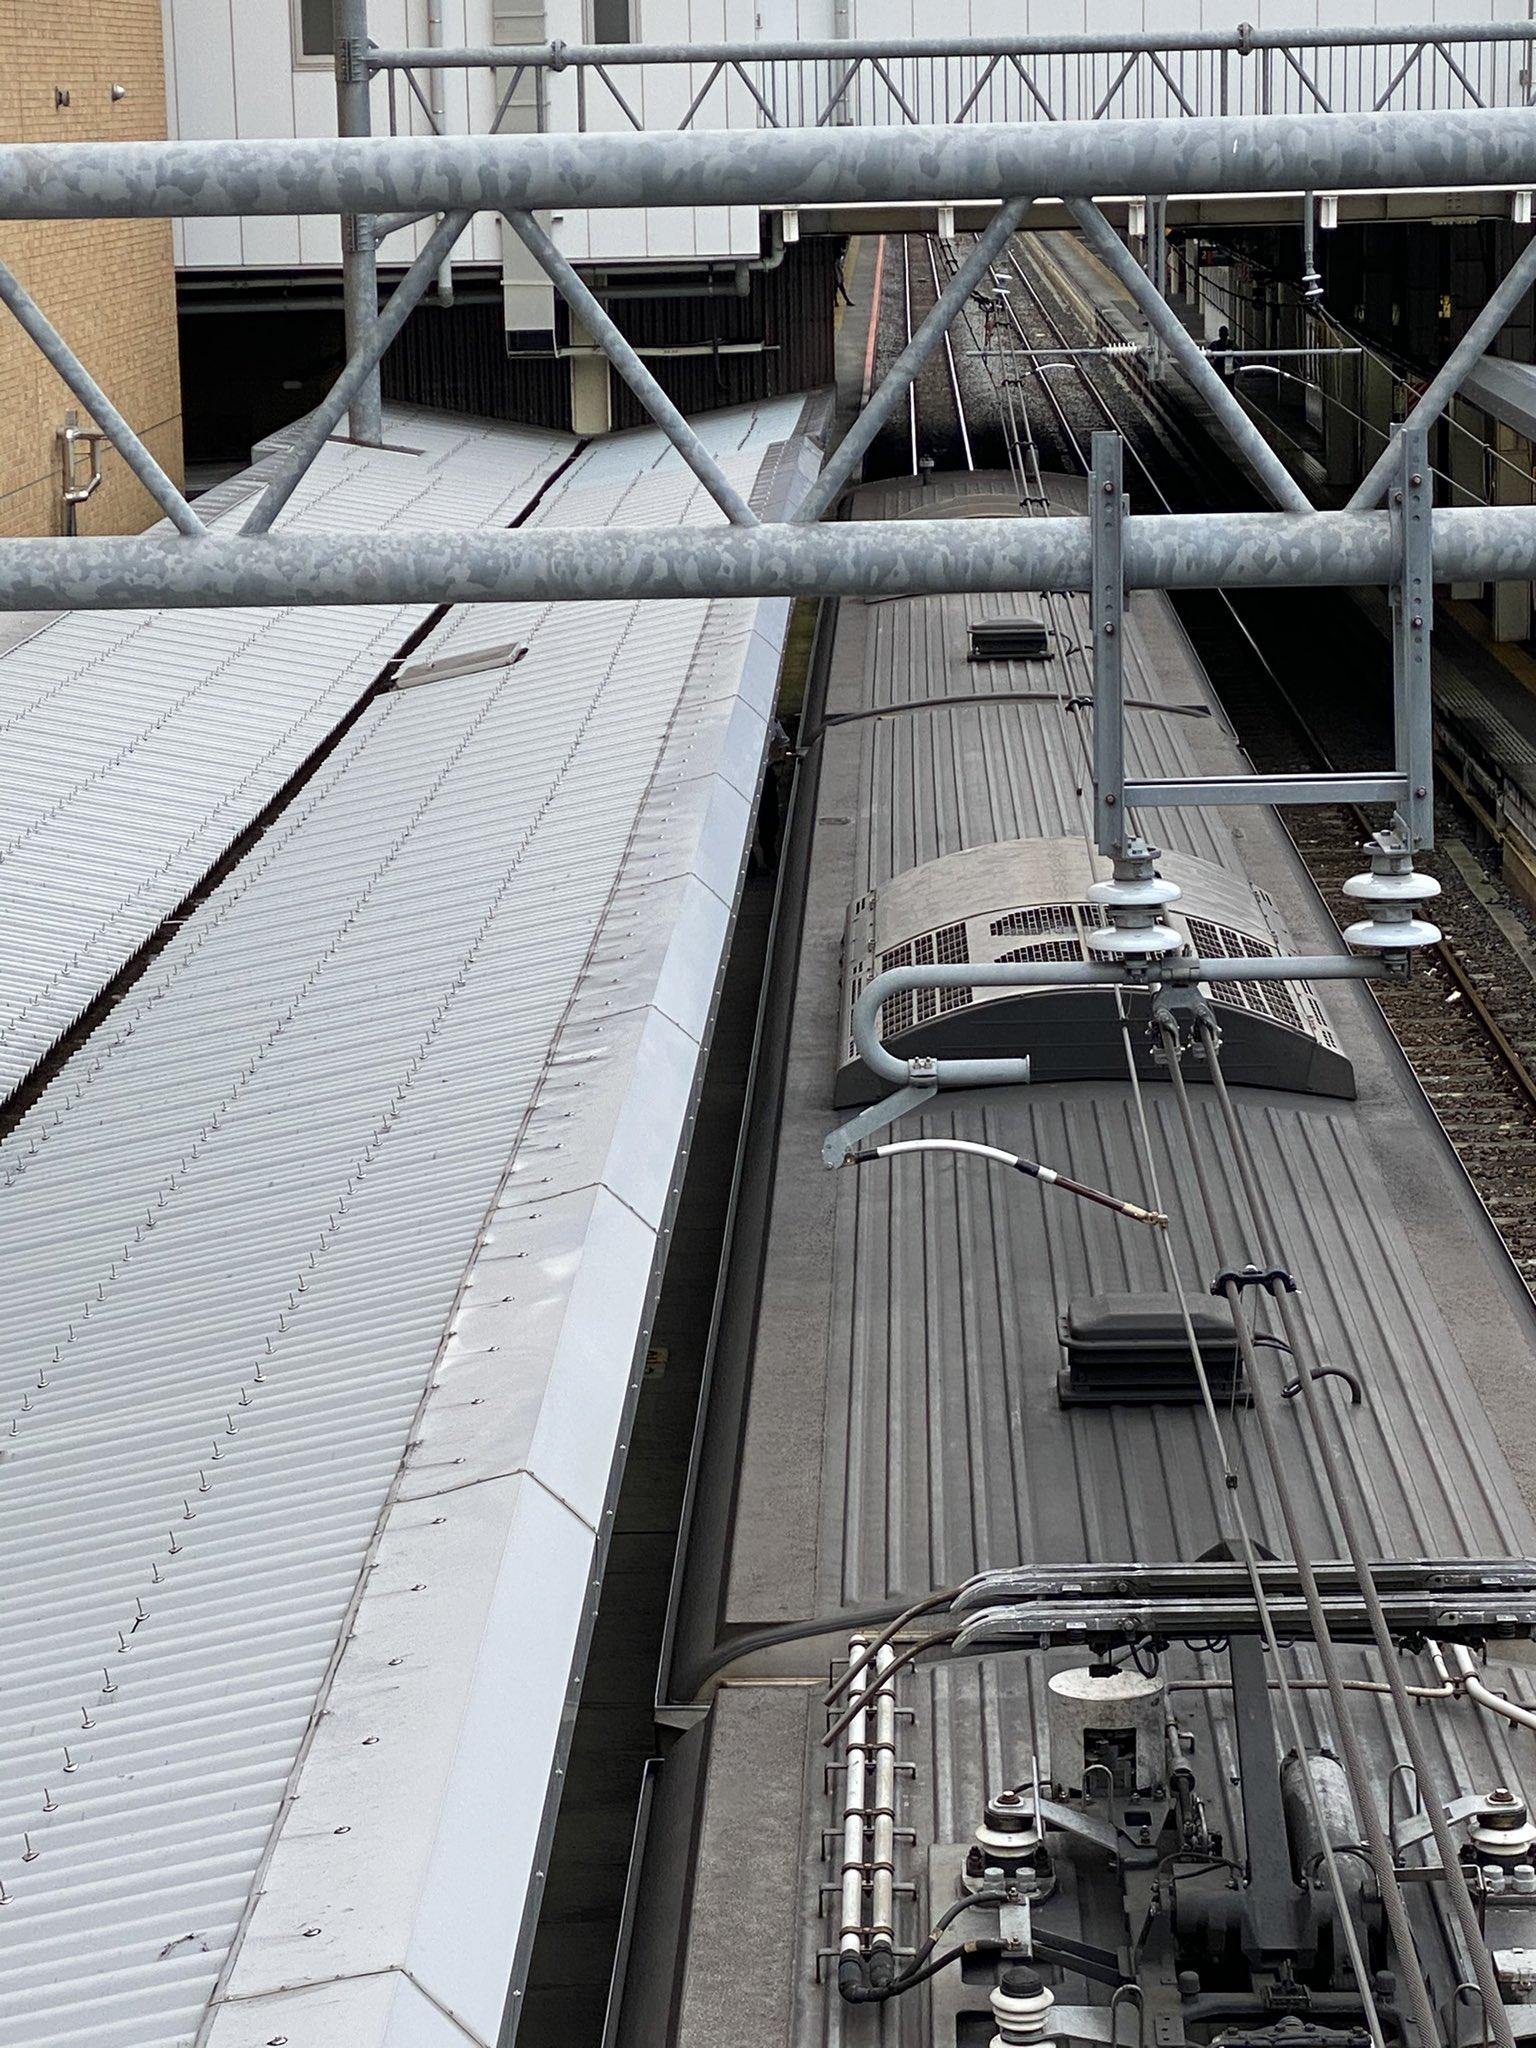 高崎線の上尾駅で人身事故が起きた当該列車の画像